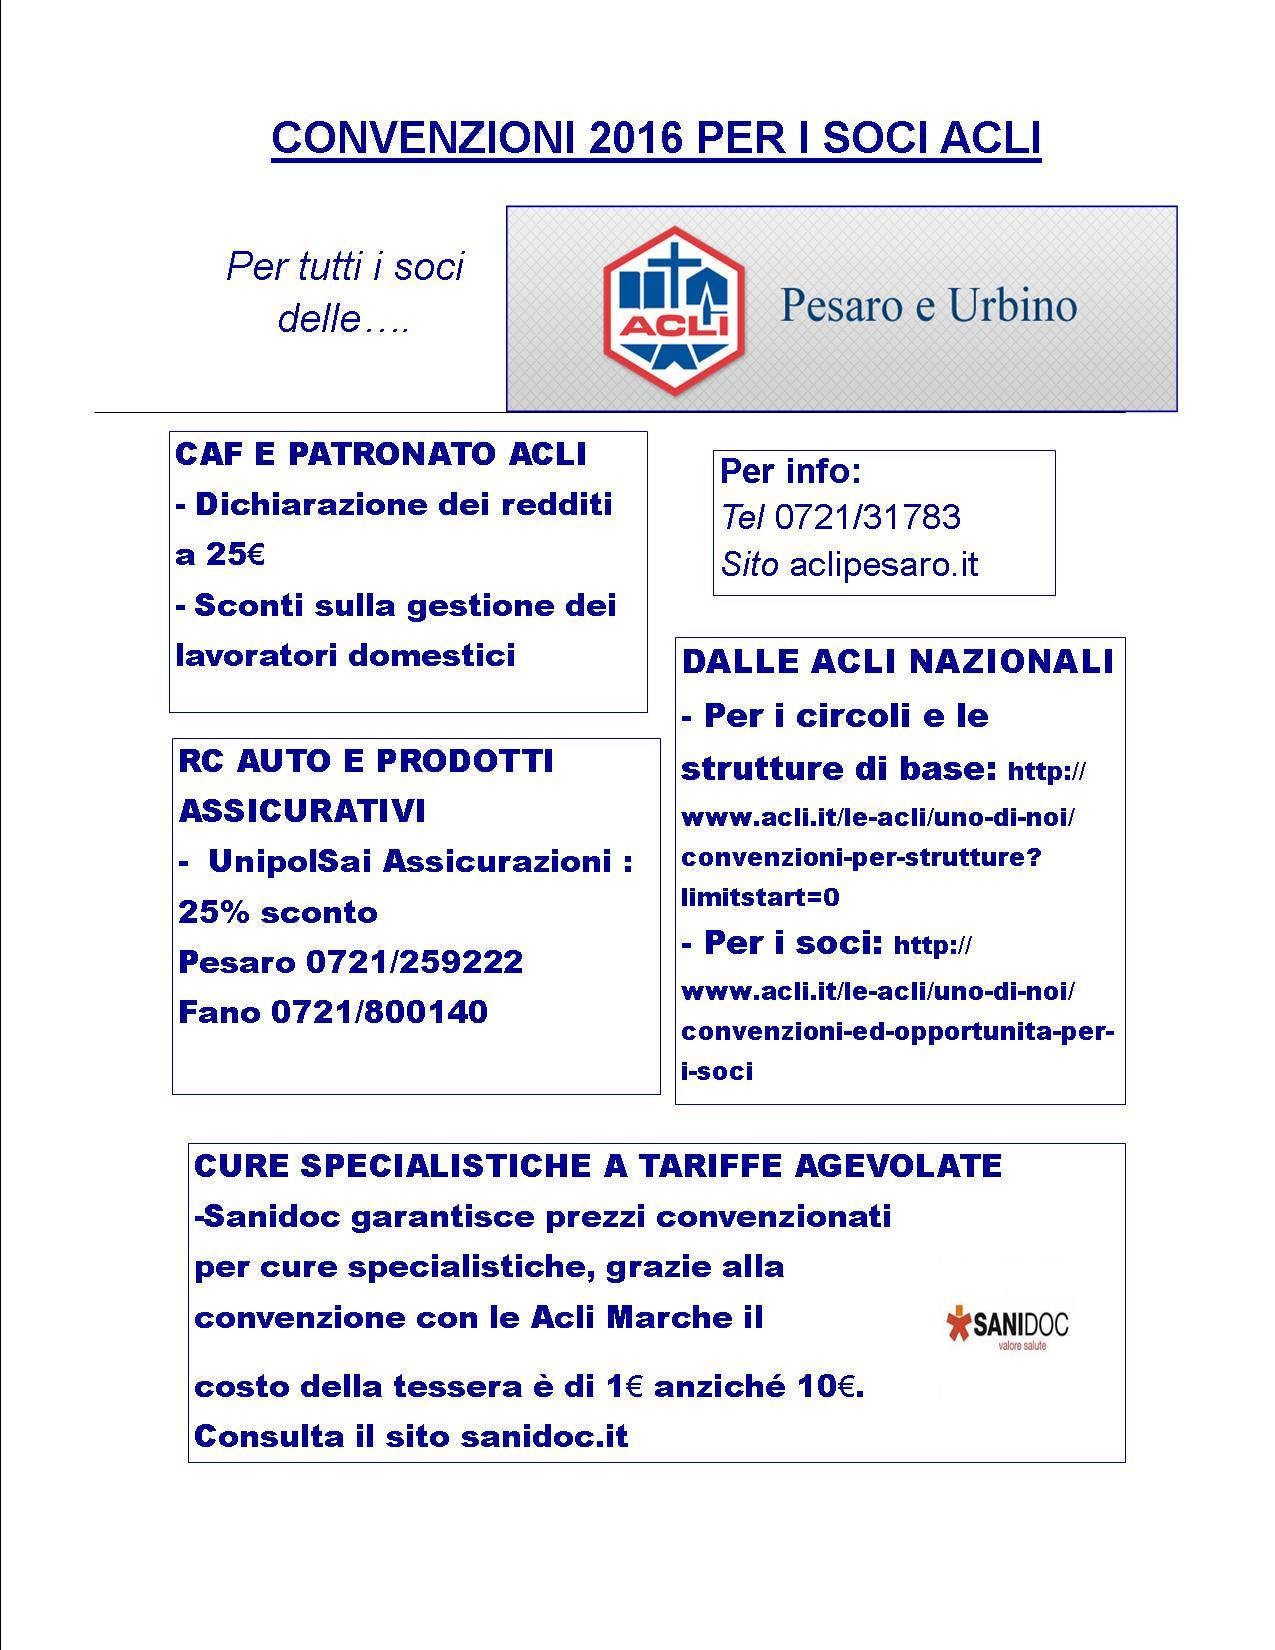 602632dc63 Convenzioni 2016 per i soci Acli - ACLI Pesaro